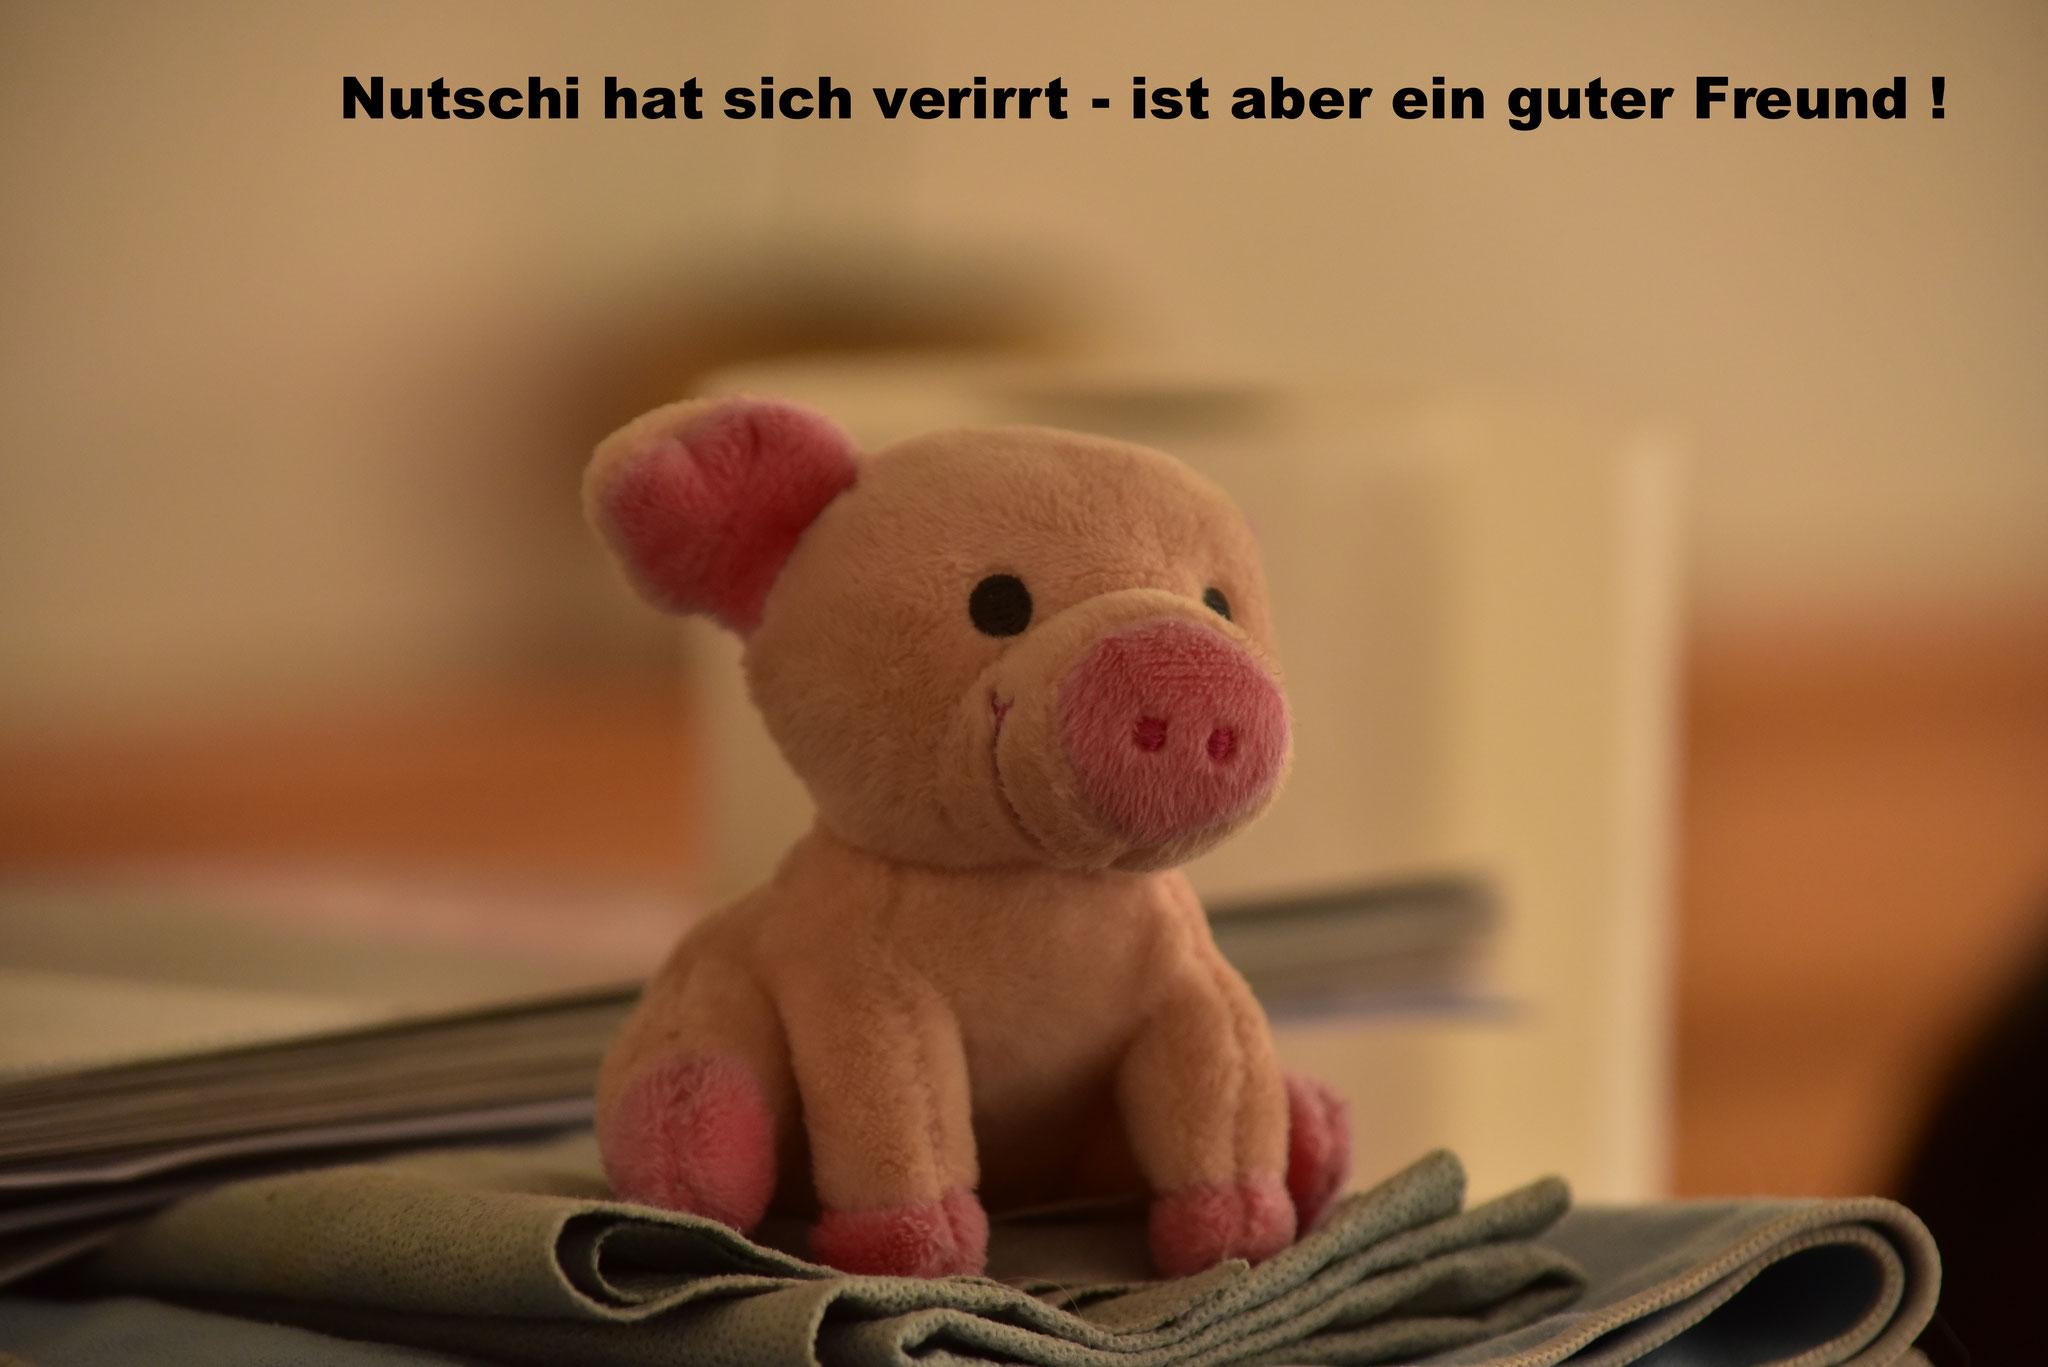 Nutschi hat sich verirrt - ist aber ein guter Freund der Grafenhauser !